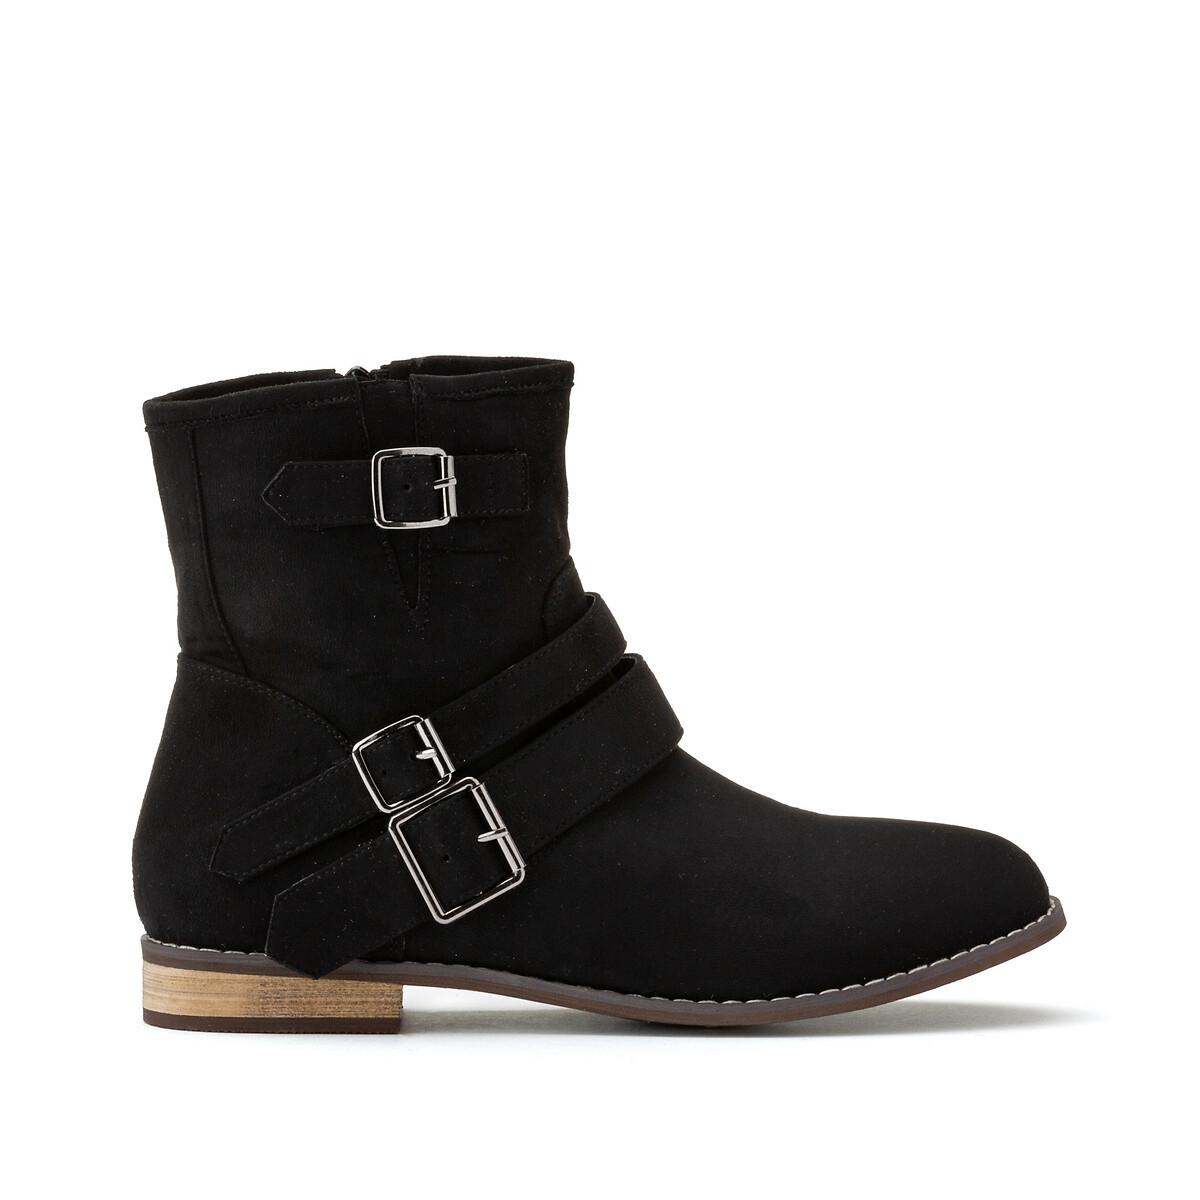 цена Ботинки La Redoute La Redoute 44 черный онлайн в 2017 году